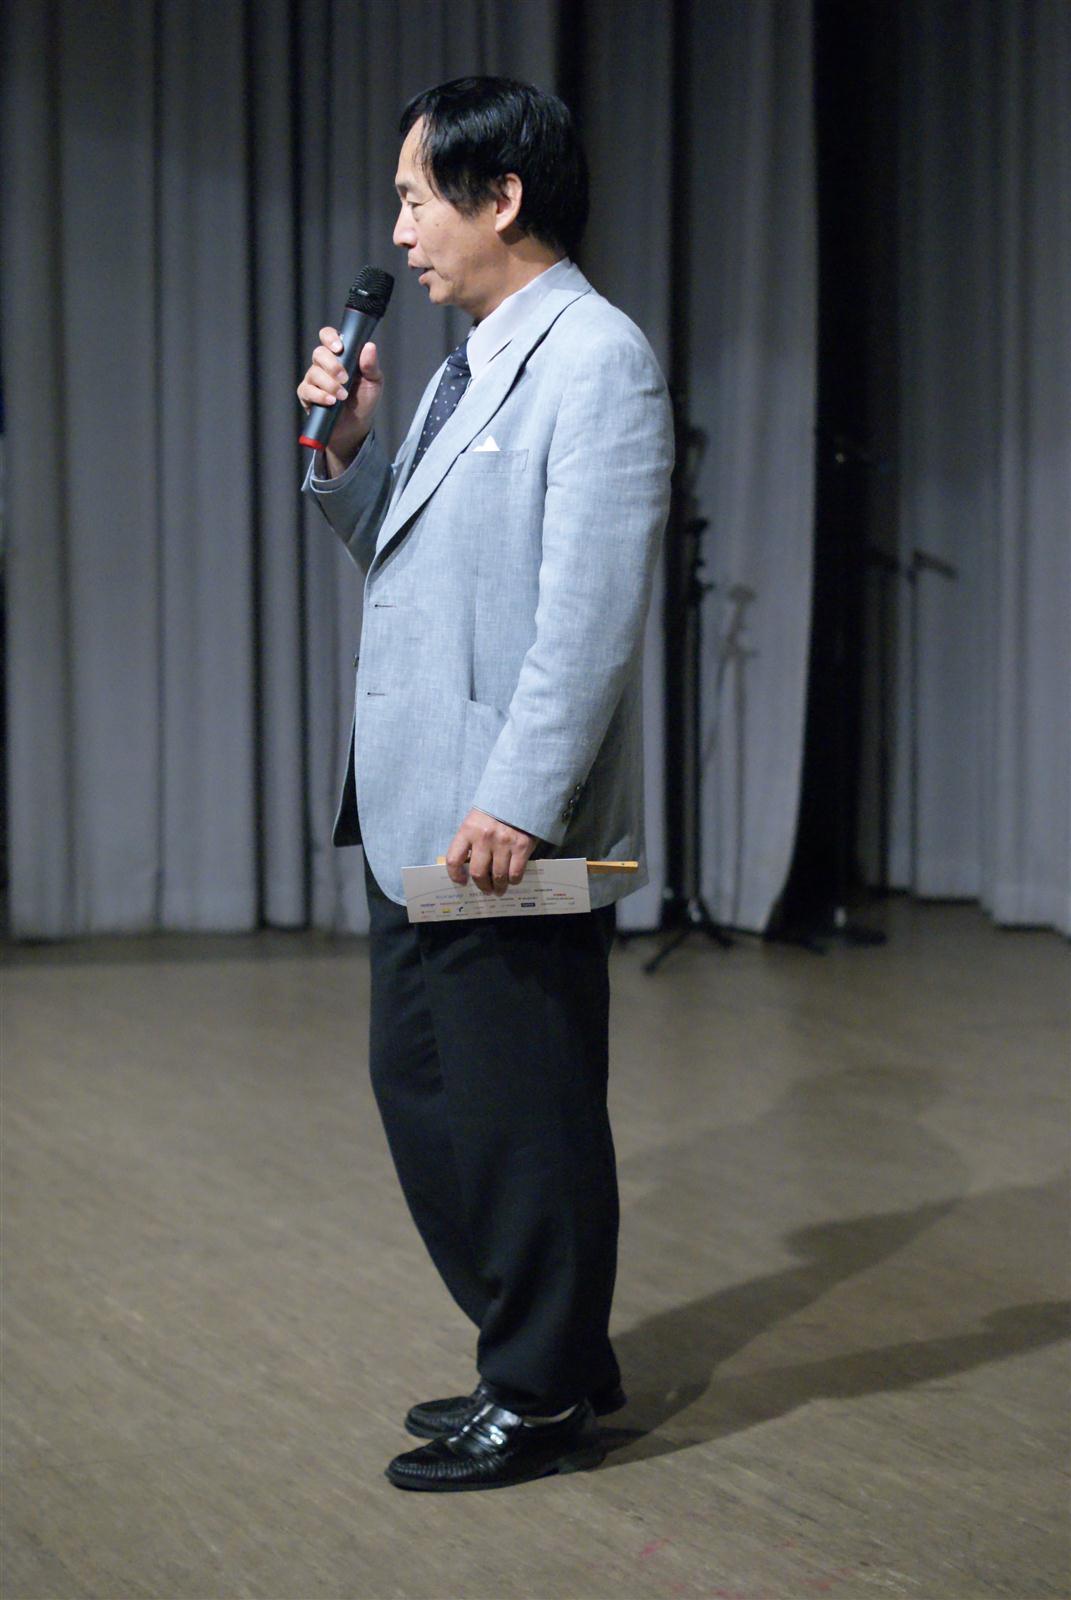 Wie.MAI.KAI Bühne - japanischer Generalkonsul Shigeeda